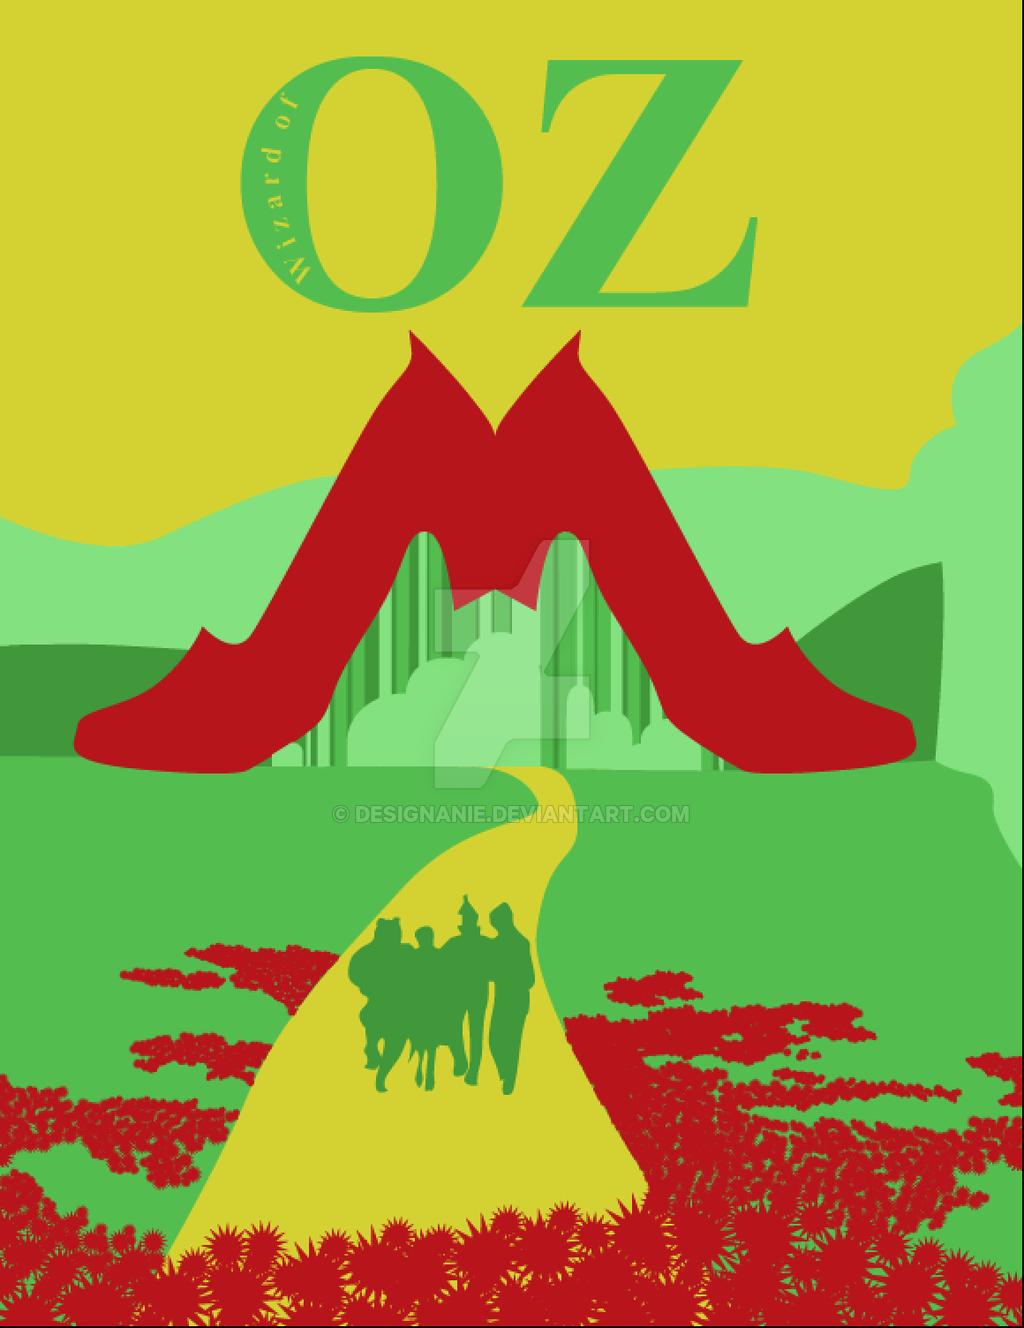 1024x1328 Wizard Of Oz Movie Poster 1 By Designanie